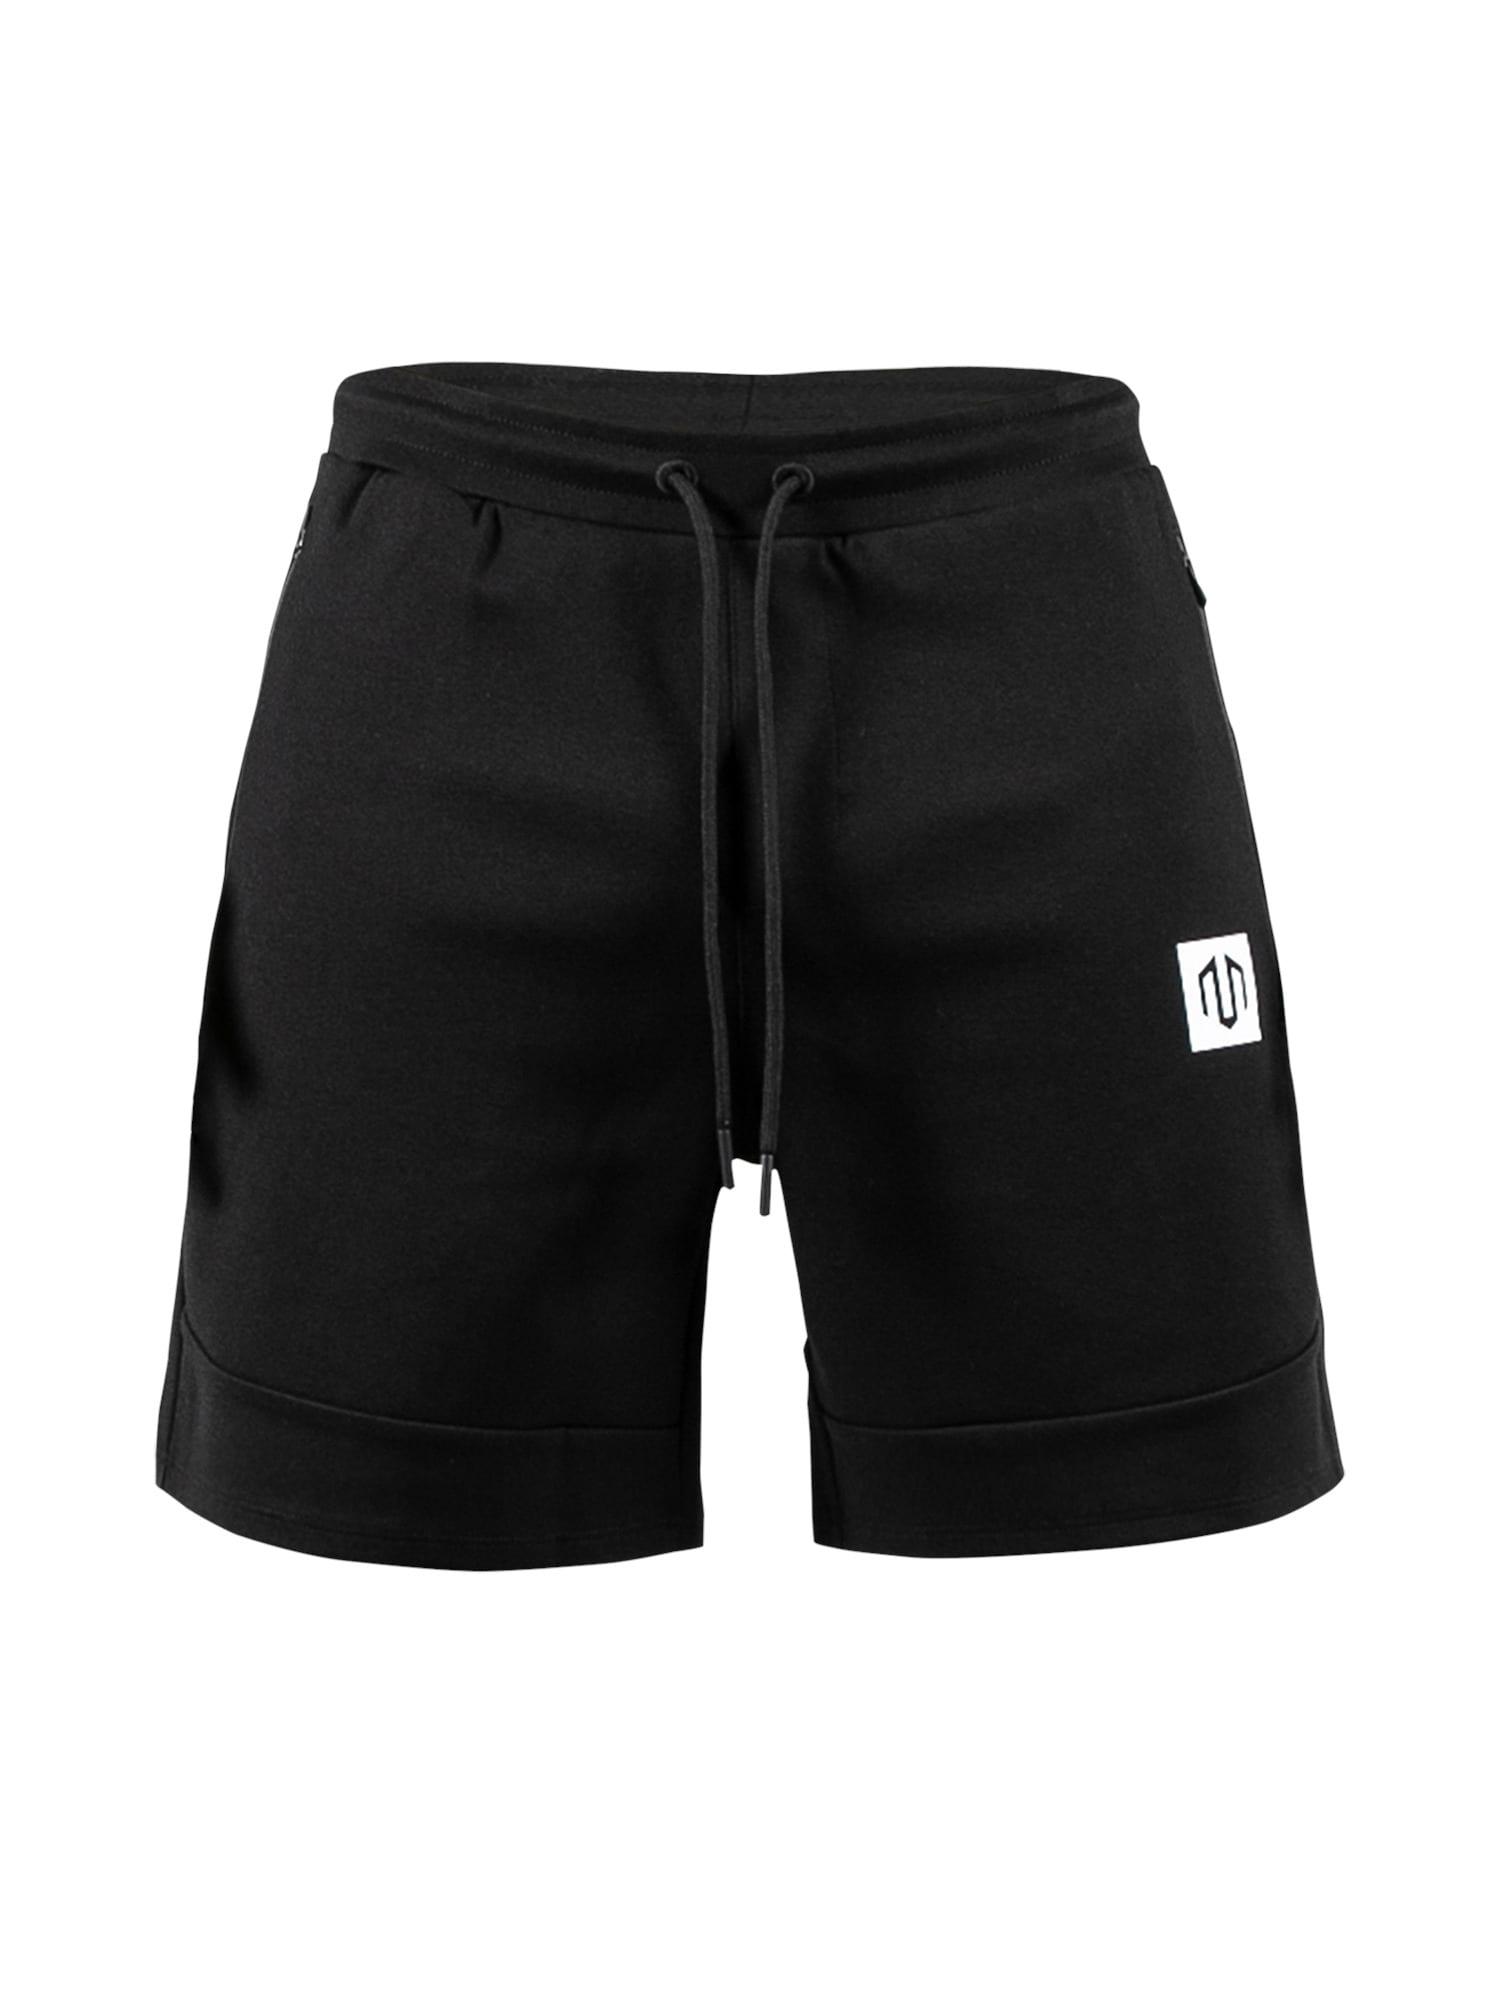 MOROTAI Sportinės kelnės 'Interlock' juoda